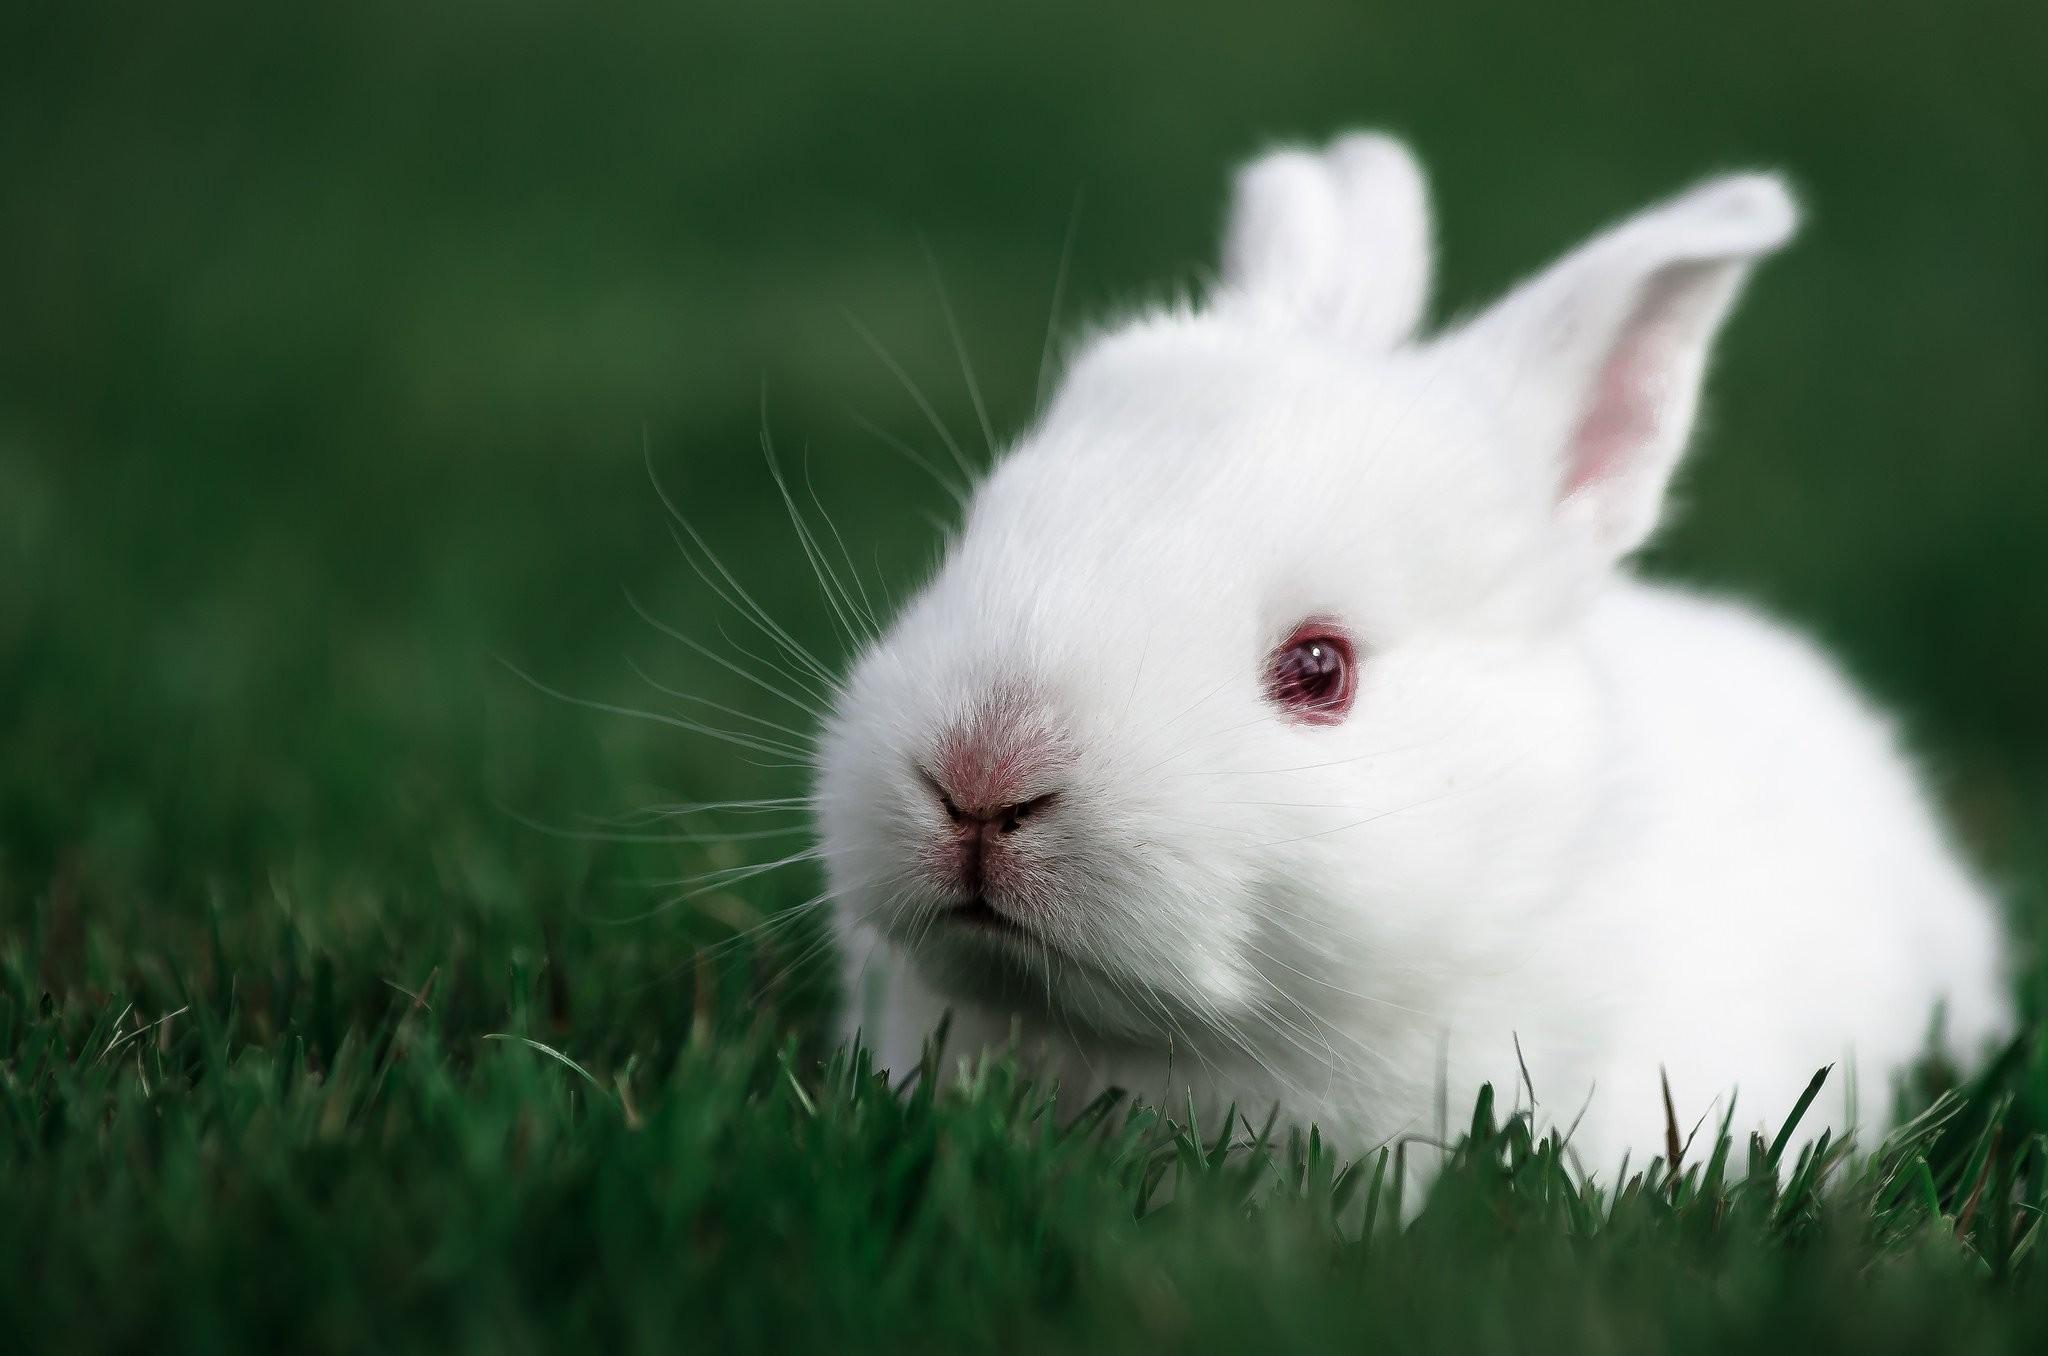 Hình nền con Thỏ dễ thương